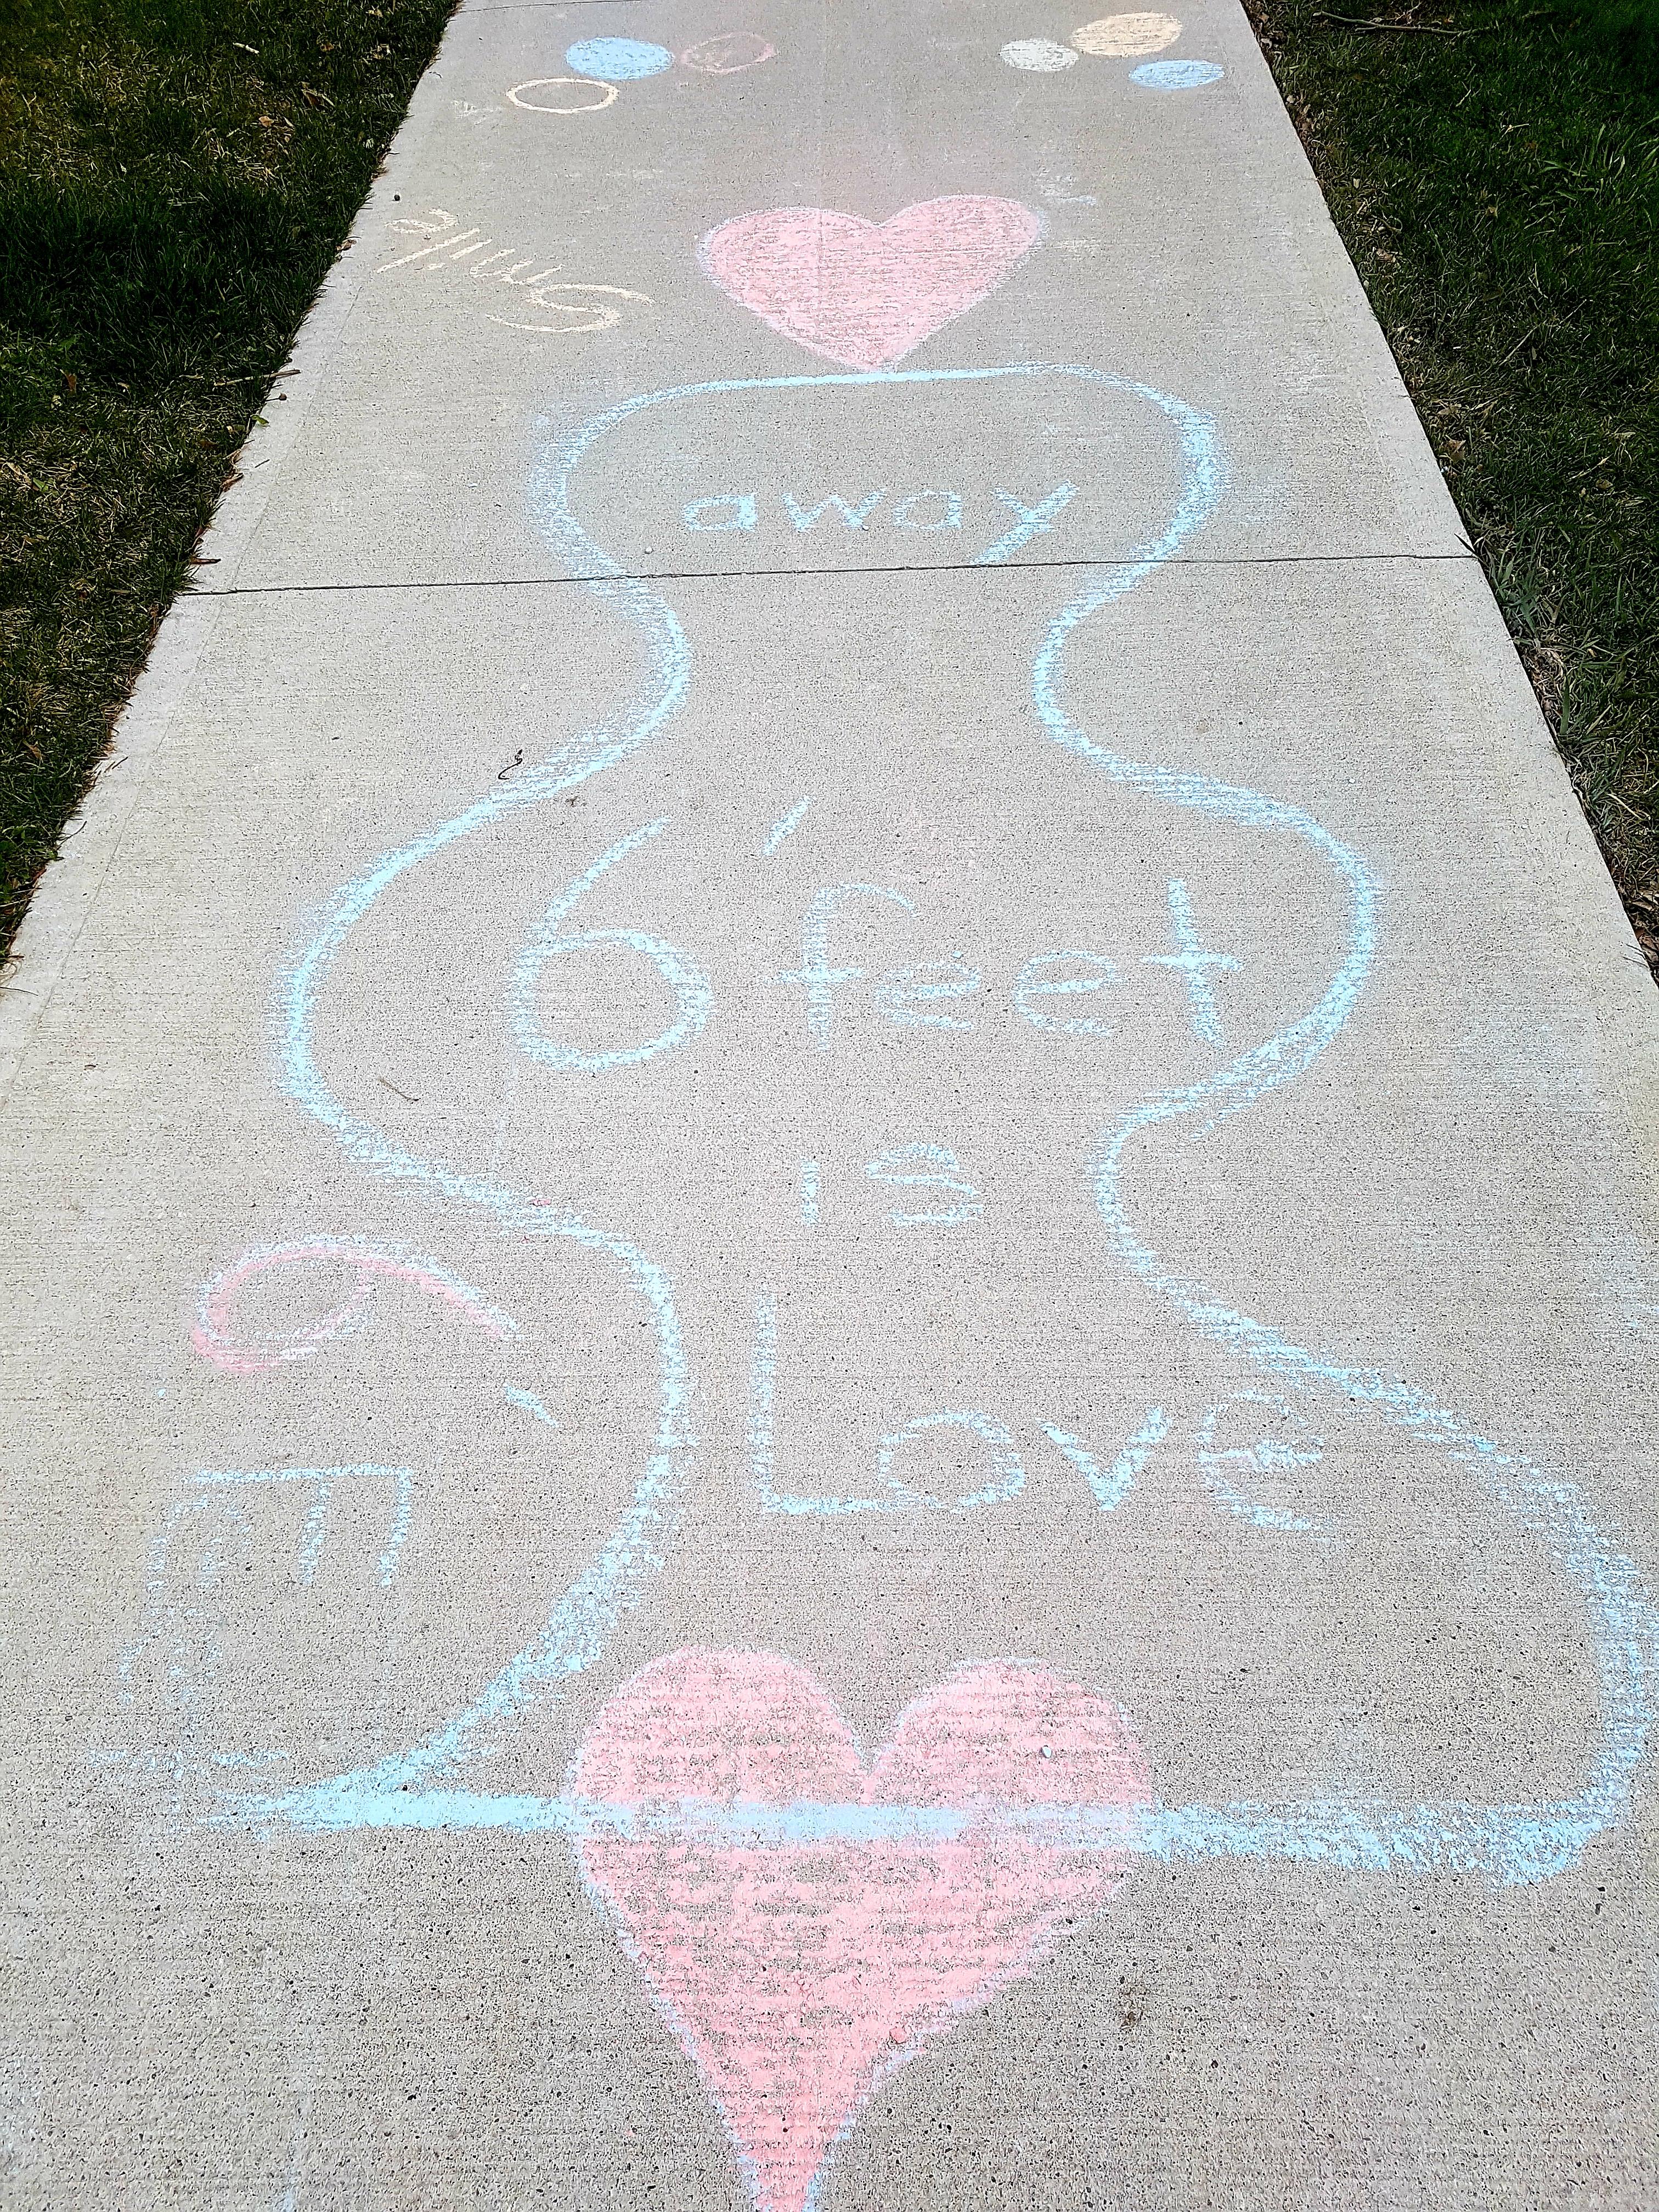 chalk drawing on the sidewalk